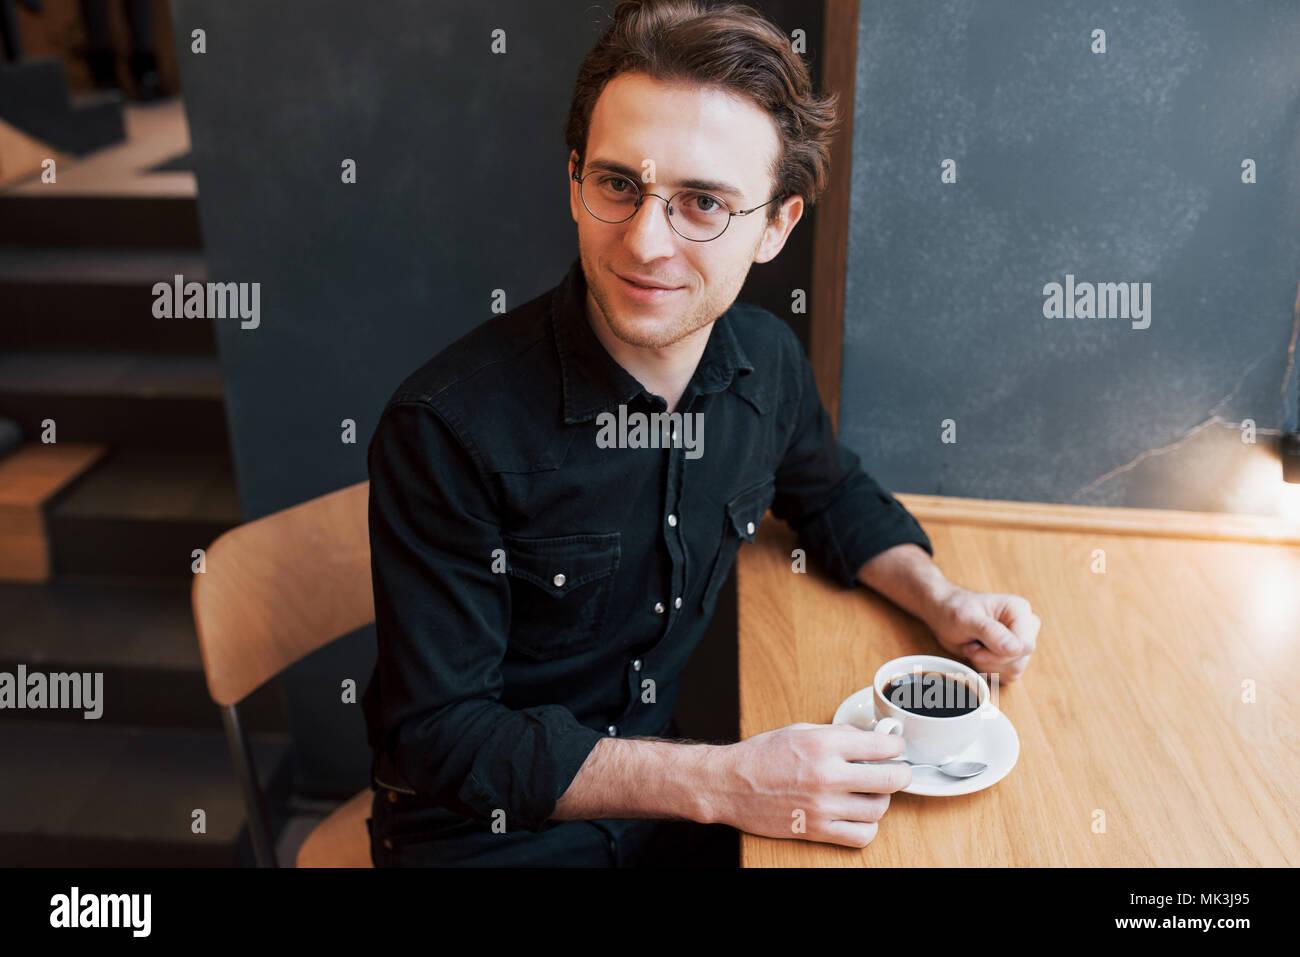 Bel uomo barbuto in verifica shirt forcella di supporto di mangiare in cafe e sorridente guardando la fotocamera Immagini Stock